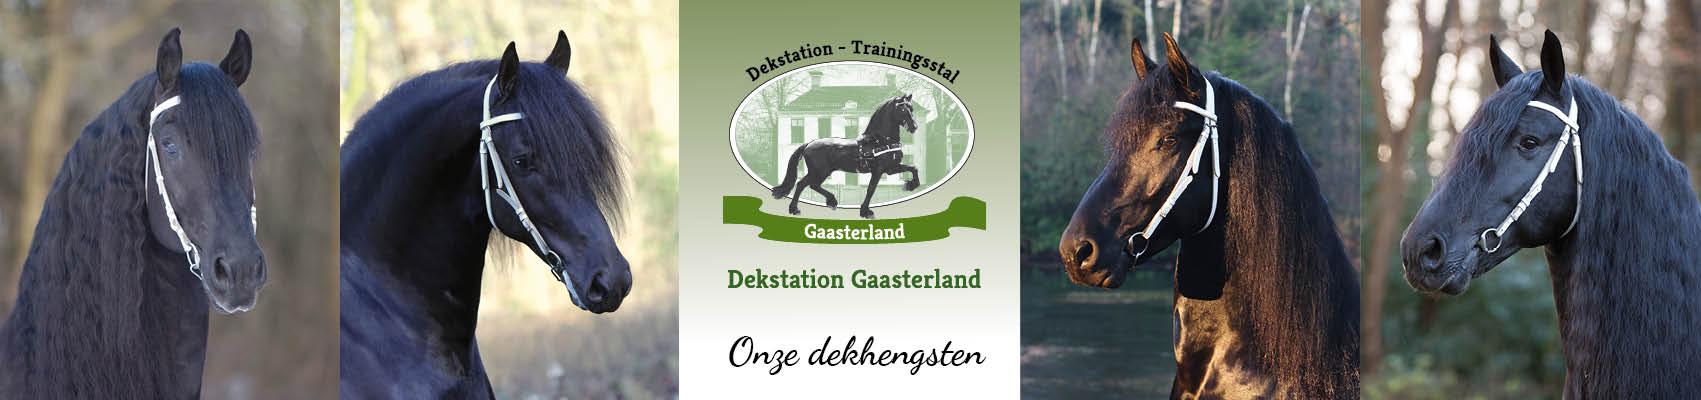 17.079_ Dekstationgaasterland_header-dekhengsten4